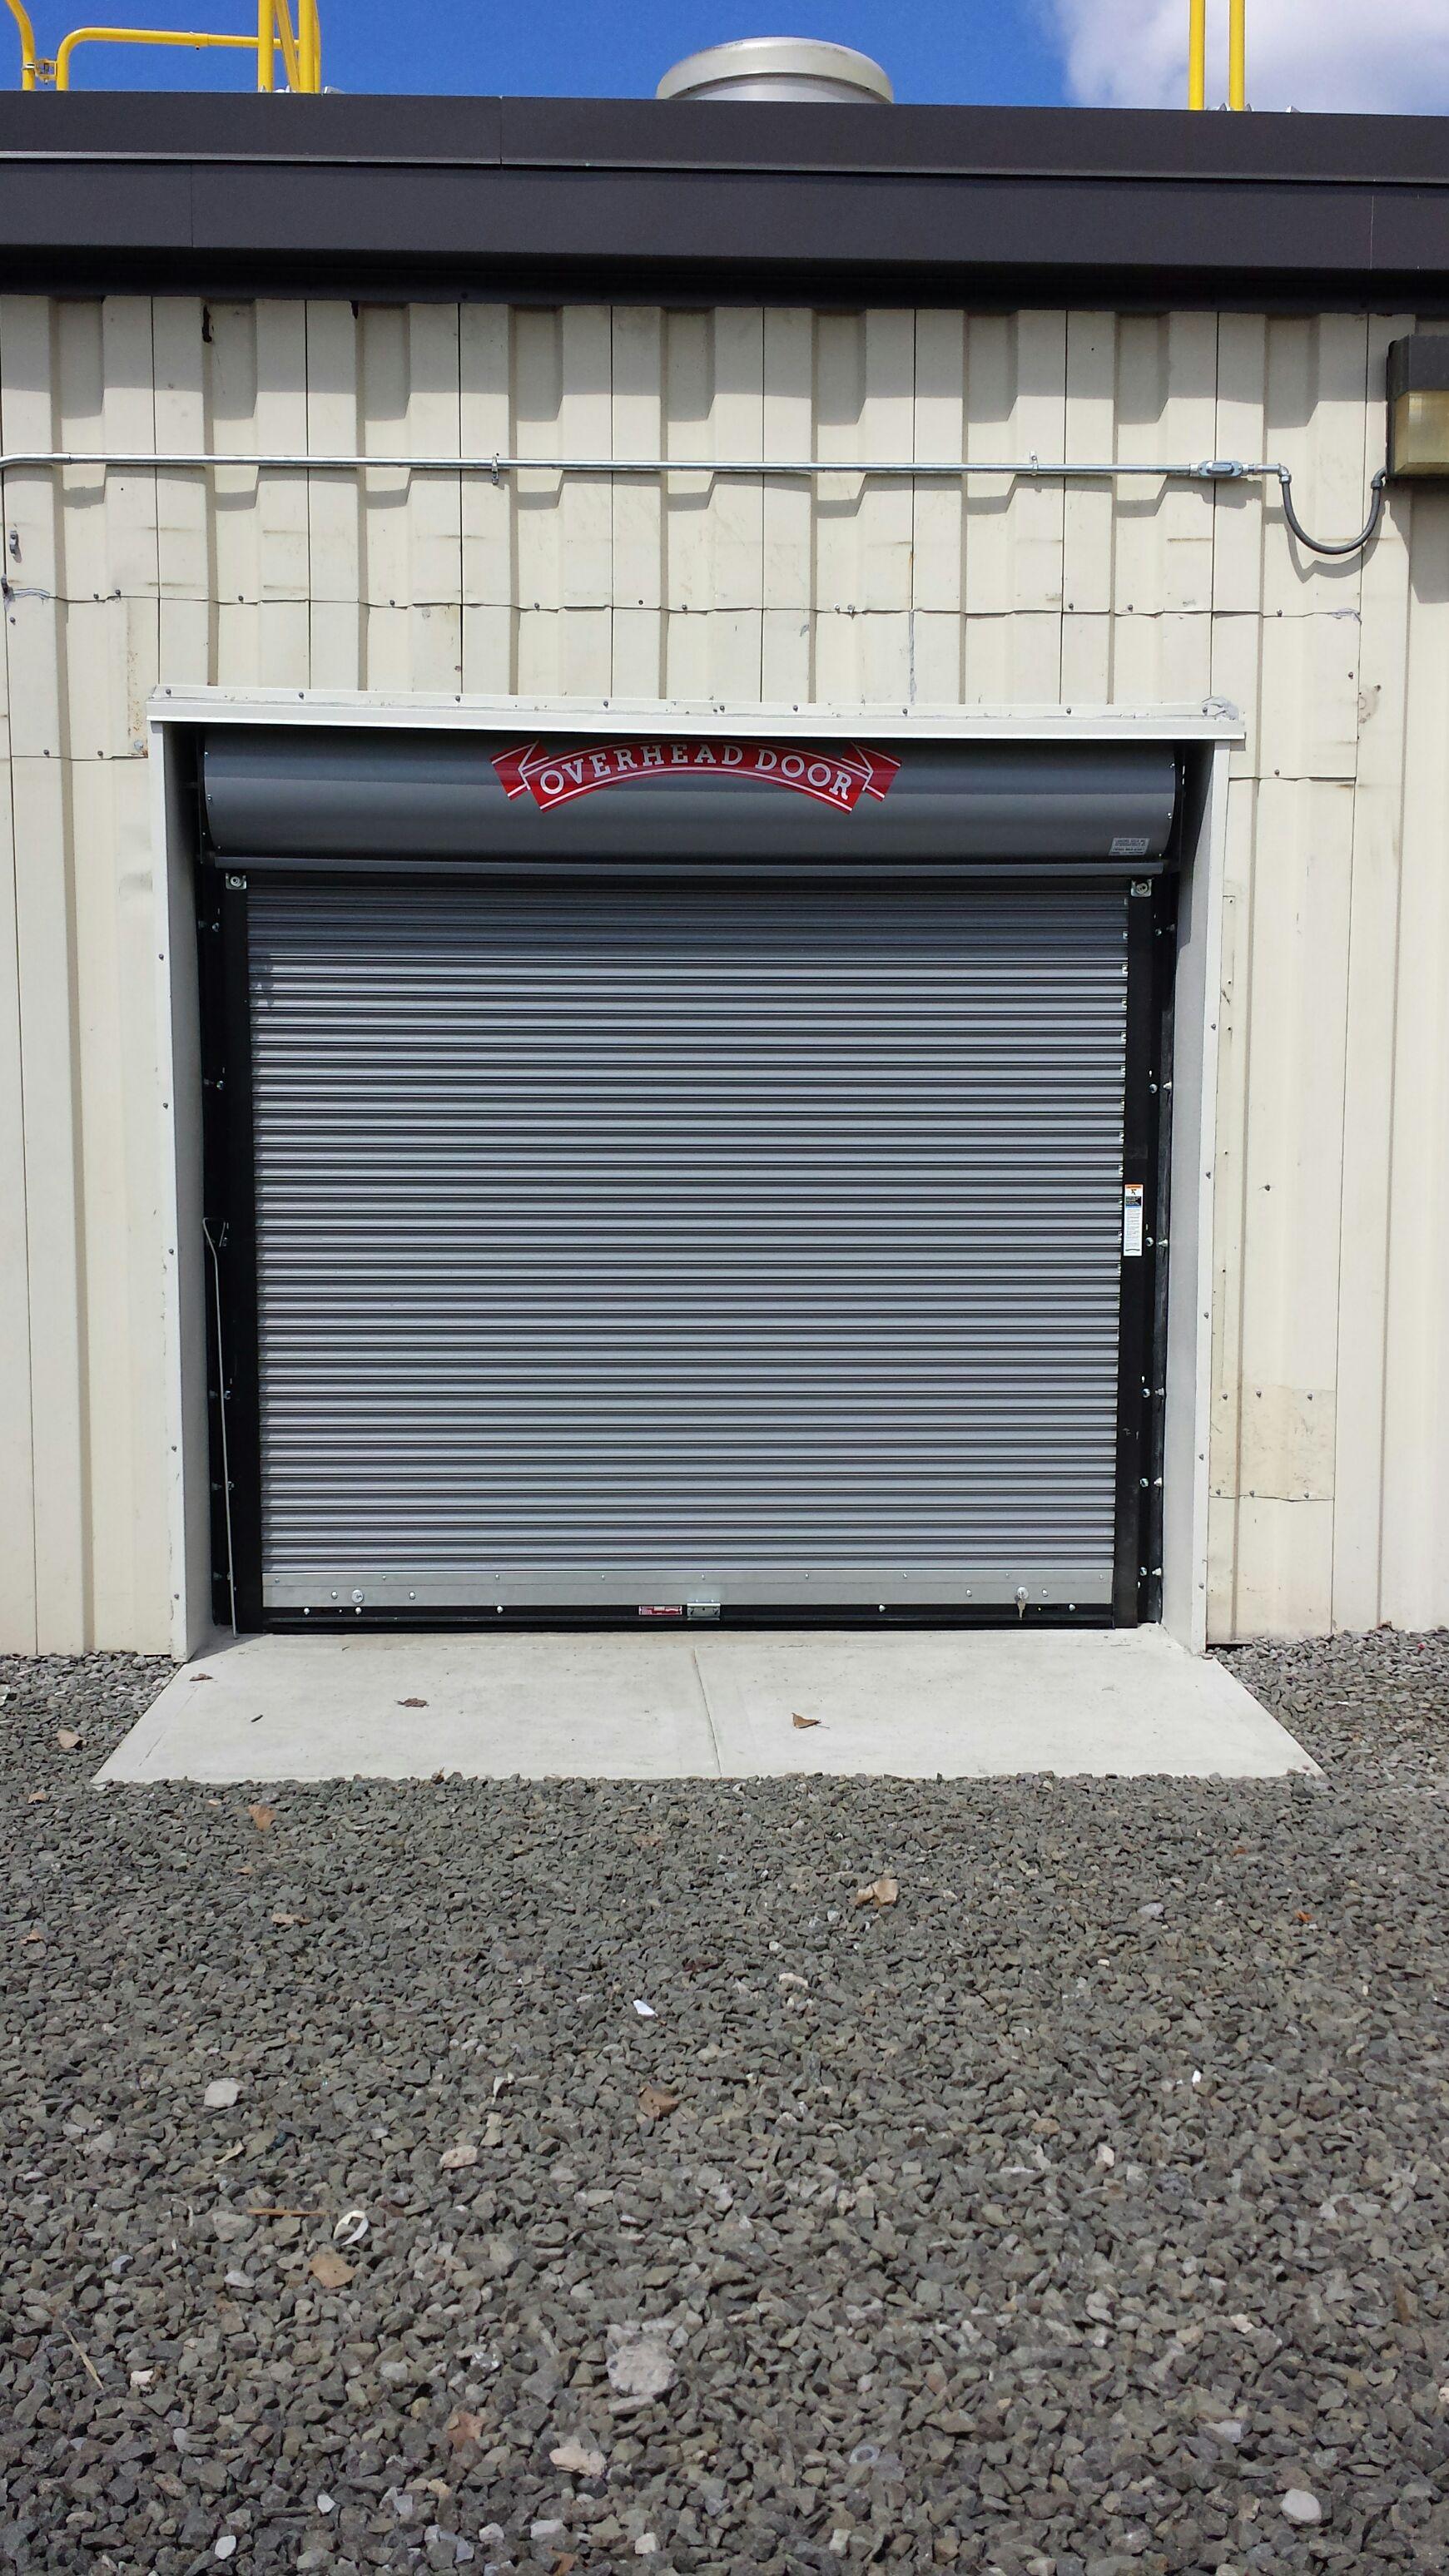 Loading Dock Inc Overhead Door Inc Image Gallery ProView